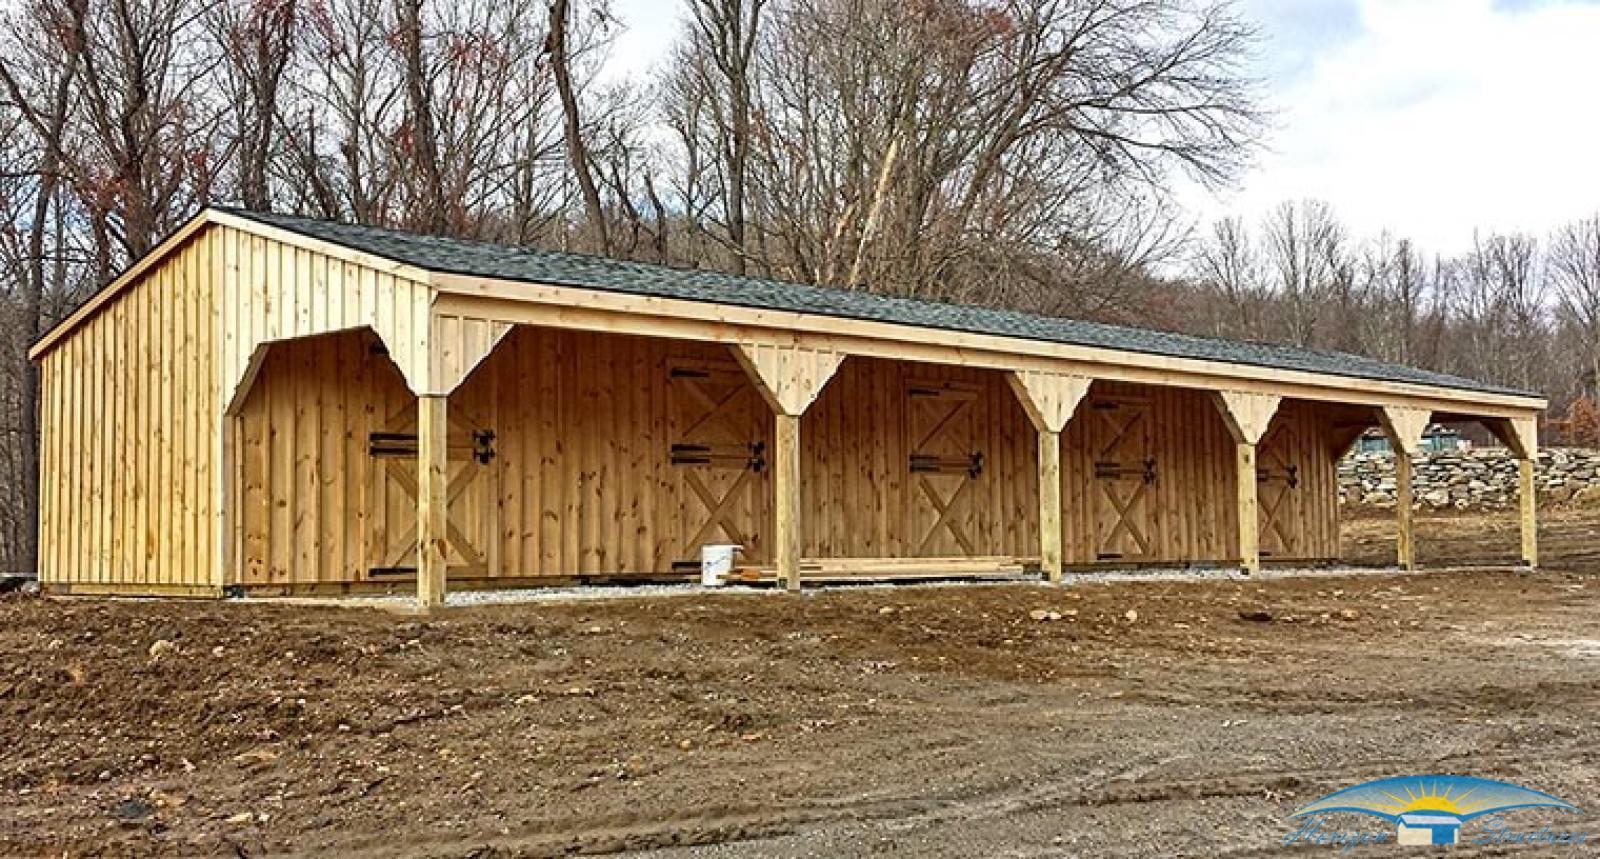 horse-barns-shed-row-long-barn_0_0